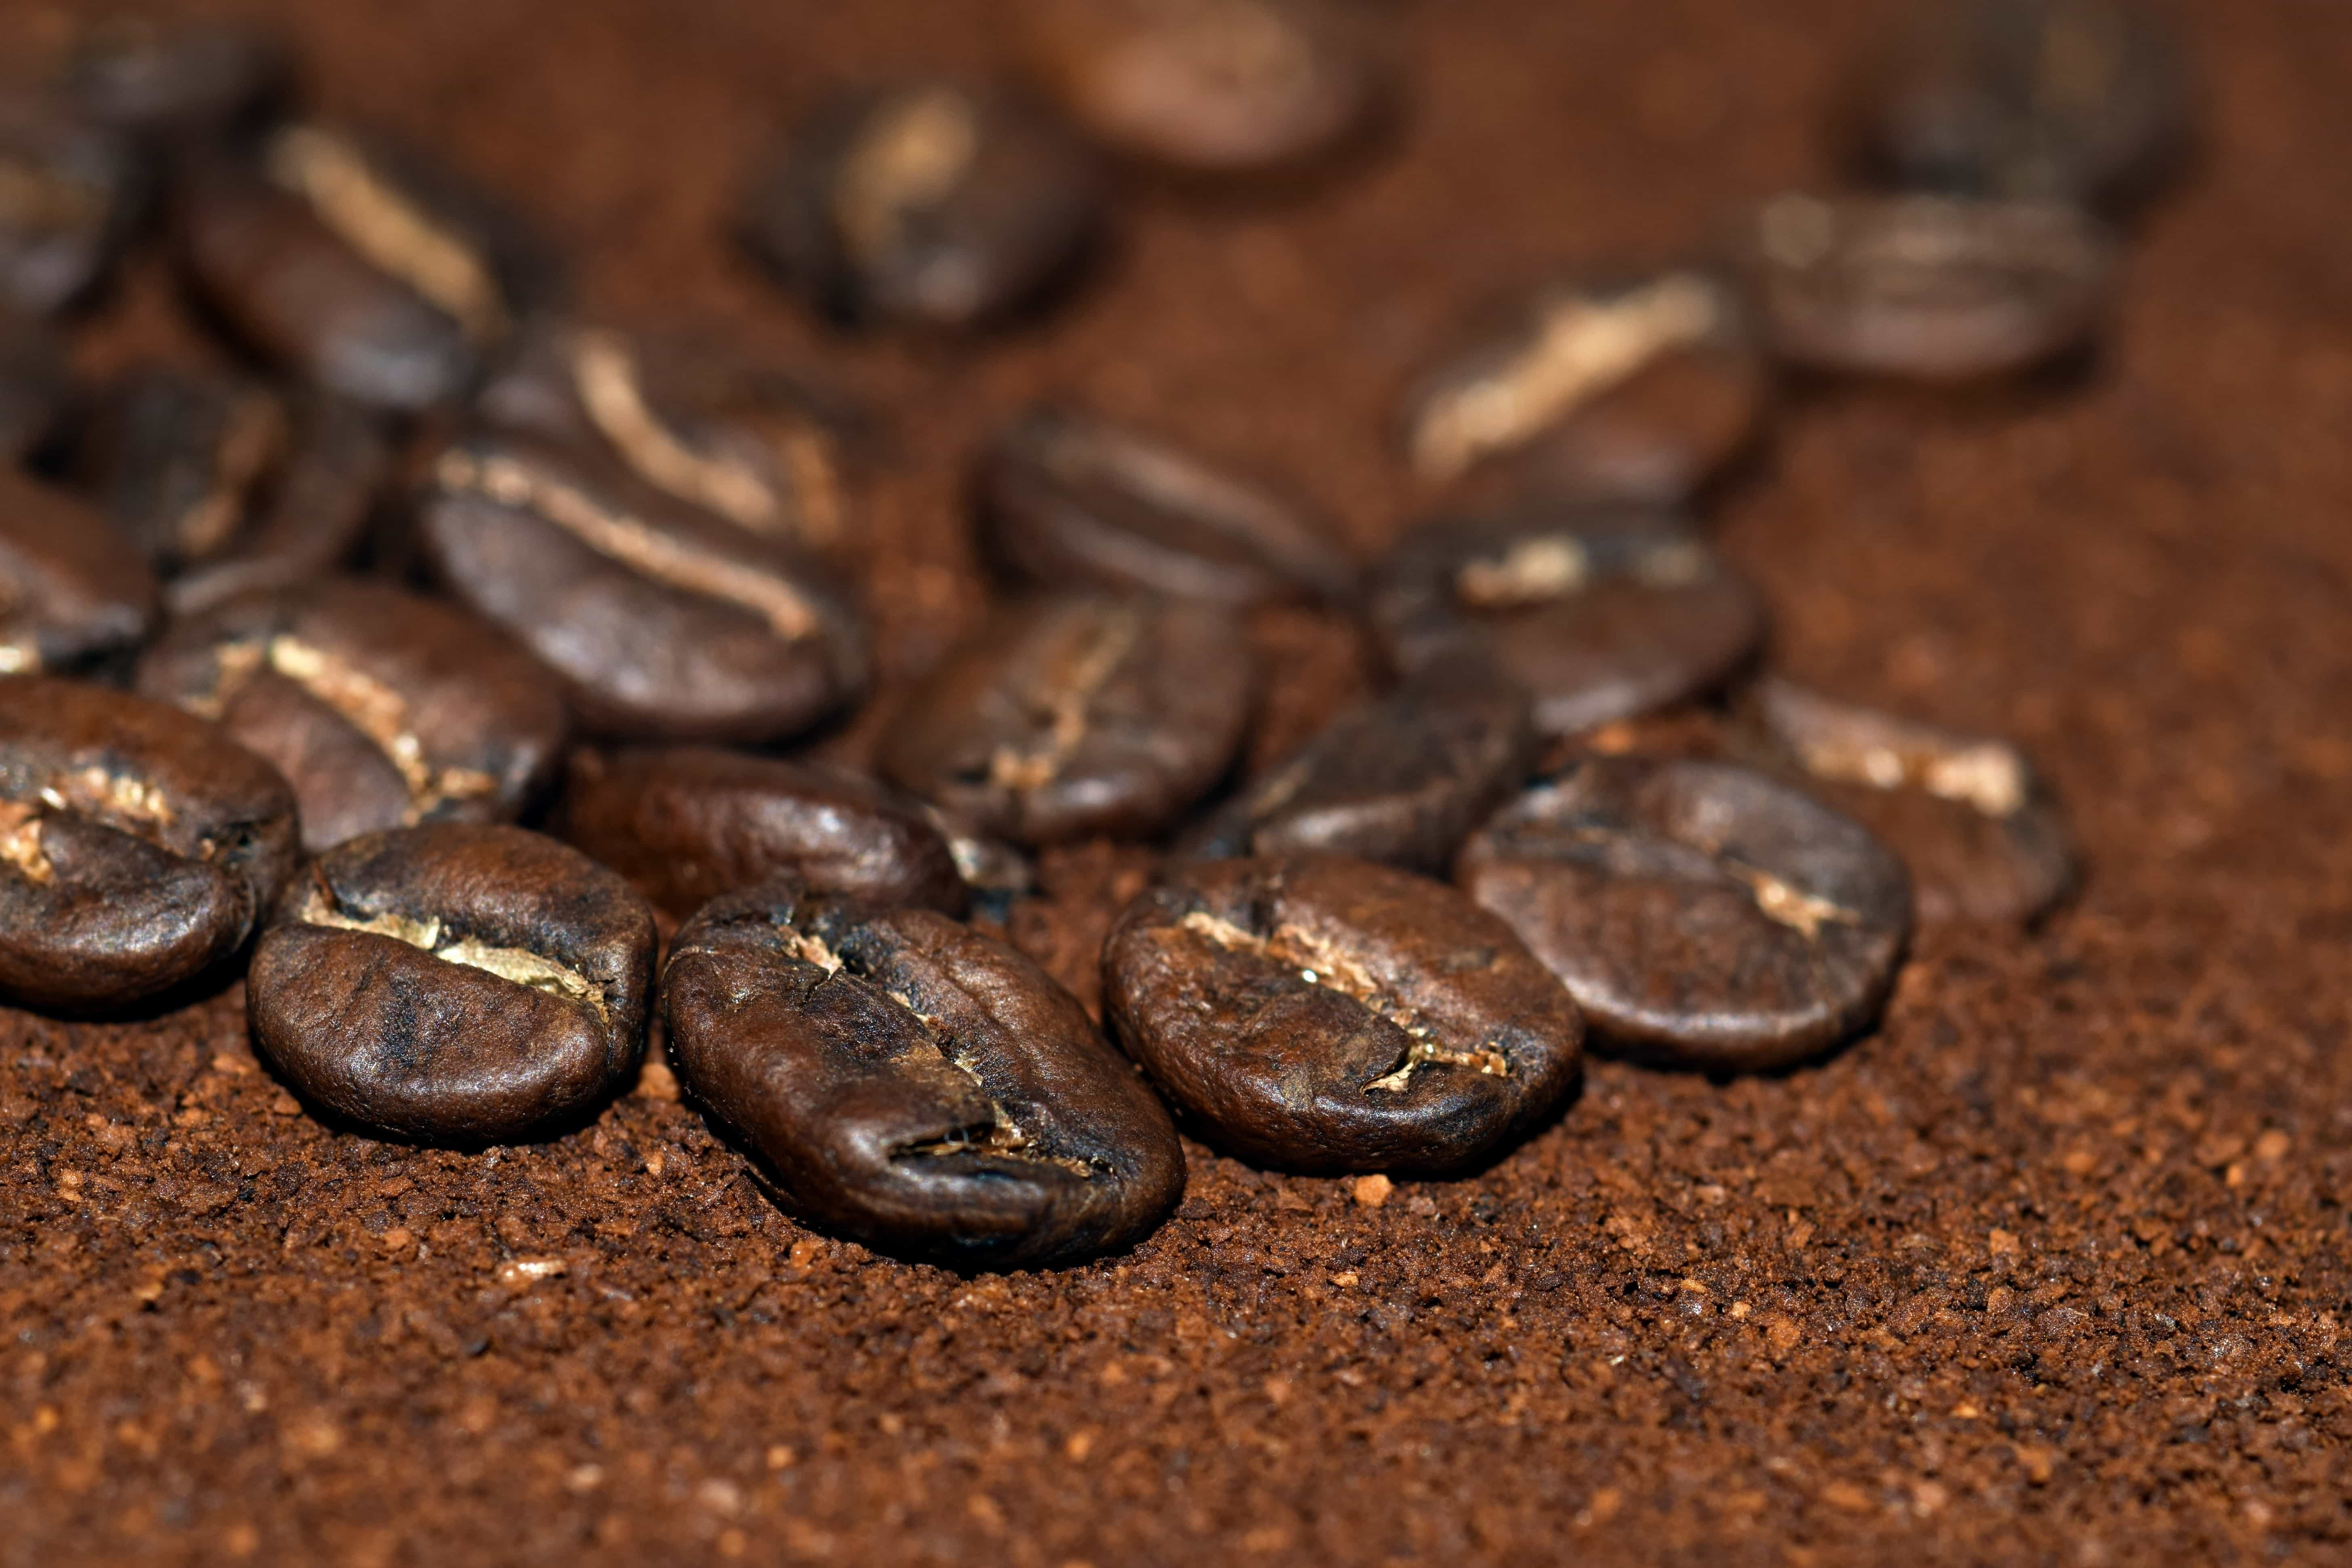 Kostenlose Bild: Koffein, Getränk, dunkel, Kaffee, Espresso, Bohne